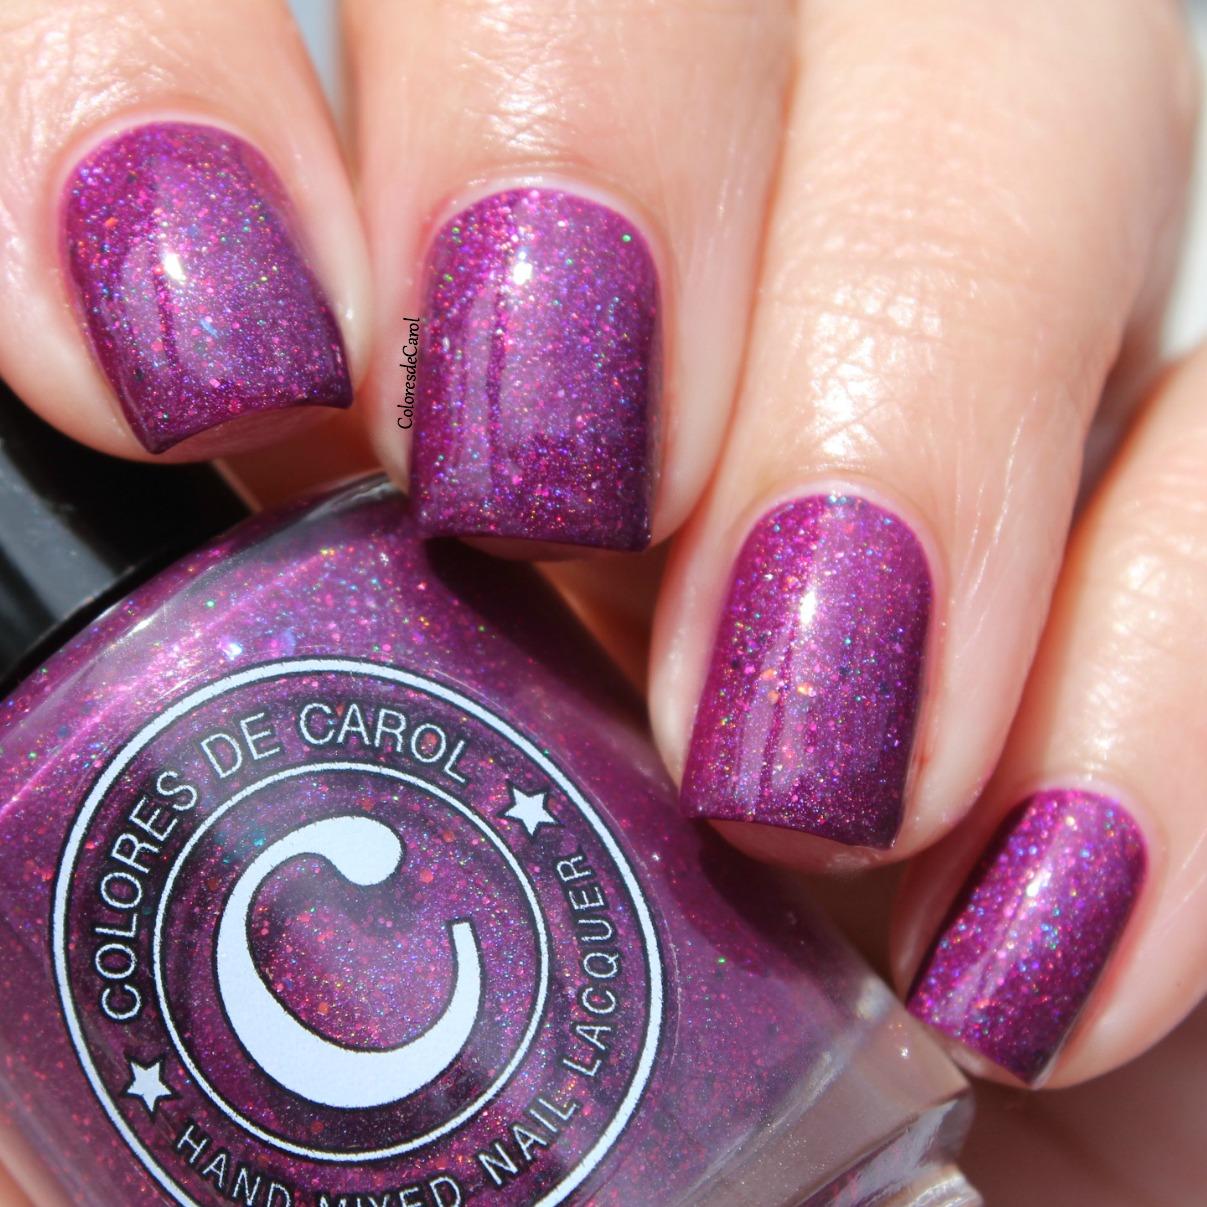 Colores de Carol: Colores de Carol LE Mother\'s Day Duo